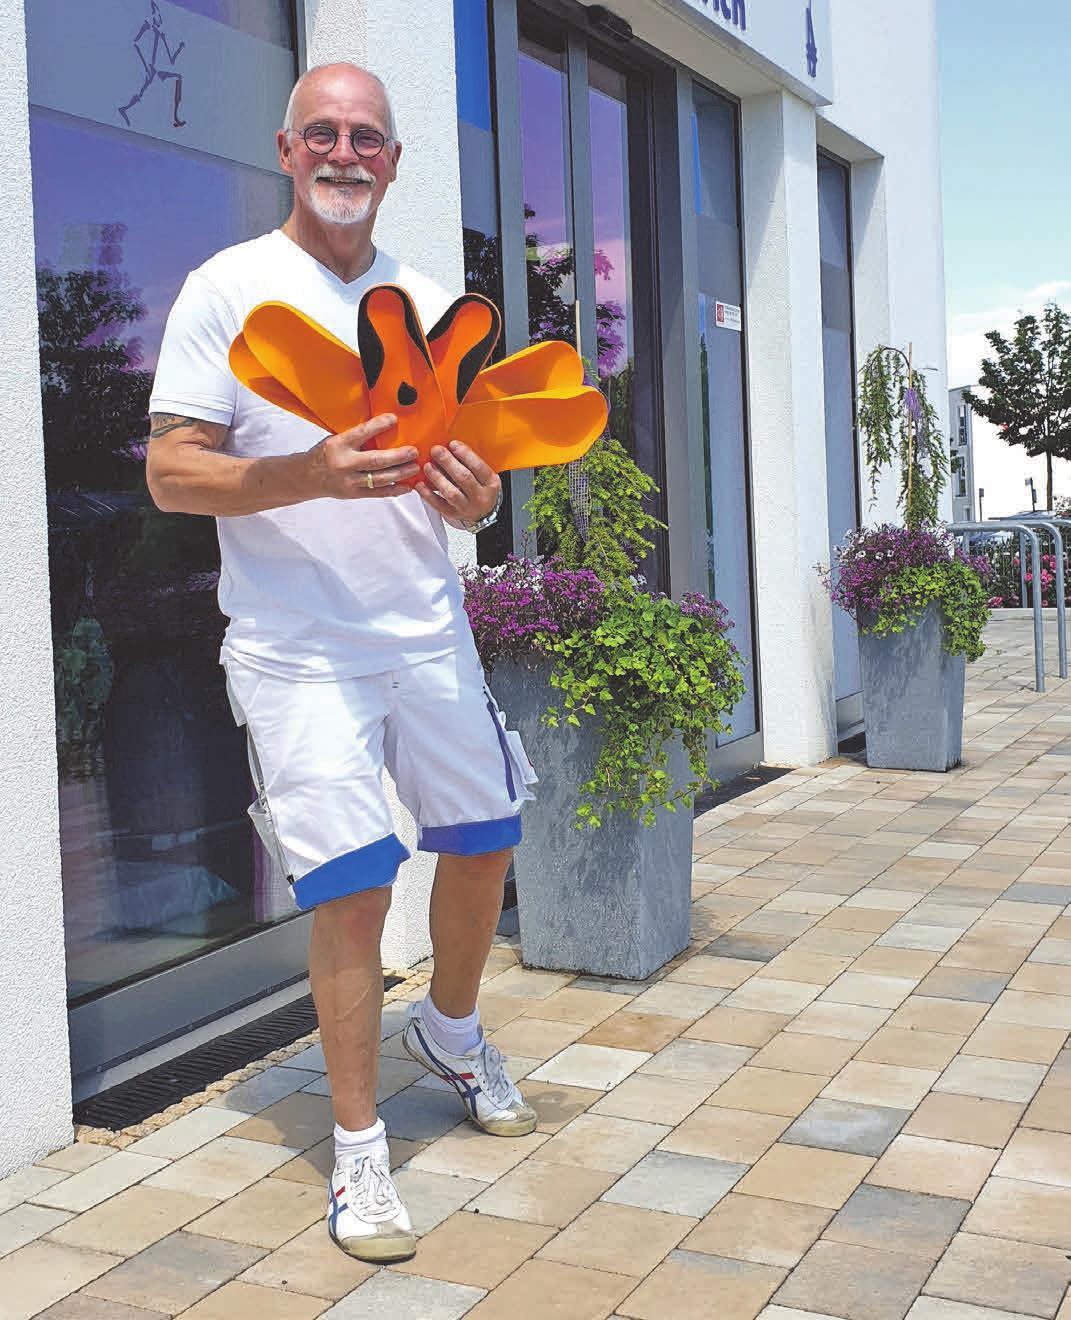 Orthopädietechnik-Meister Axel Ulrich empfiehlt den Kunden Einlagen für gesunde Füße. Foto: privat